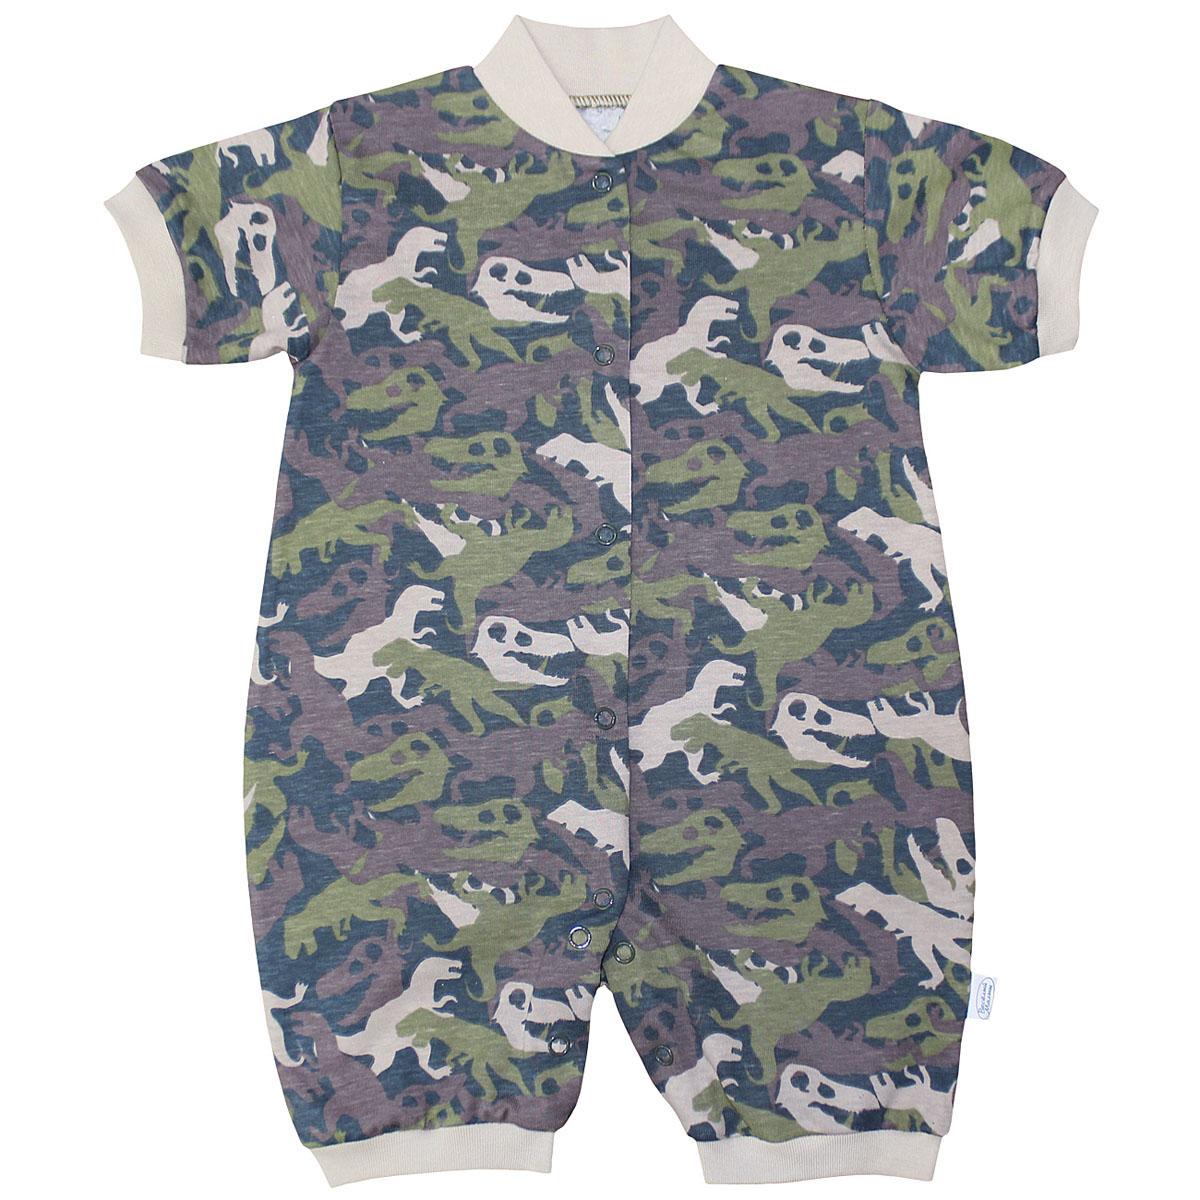 Комбинезон домашний для мальчика Веселый малыш Динозавры, цвет: темно-зеленый. 52172/ди-хаки. Размер 8652172Комбинезон домашний для мальчика Веселый малыш Динозавры выполнен из качественного материала. Модель с короткими рукавами застегивается на кнопки.